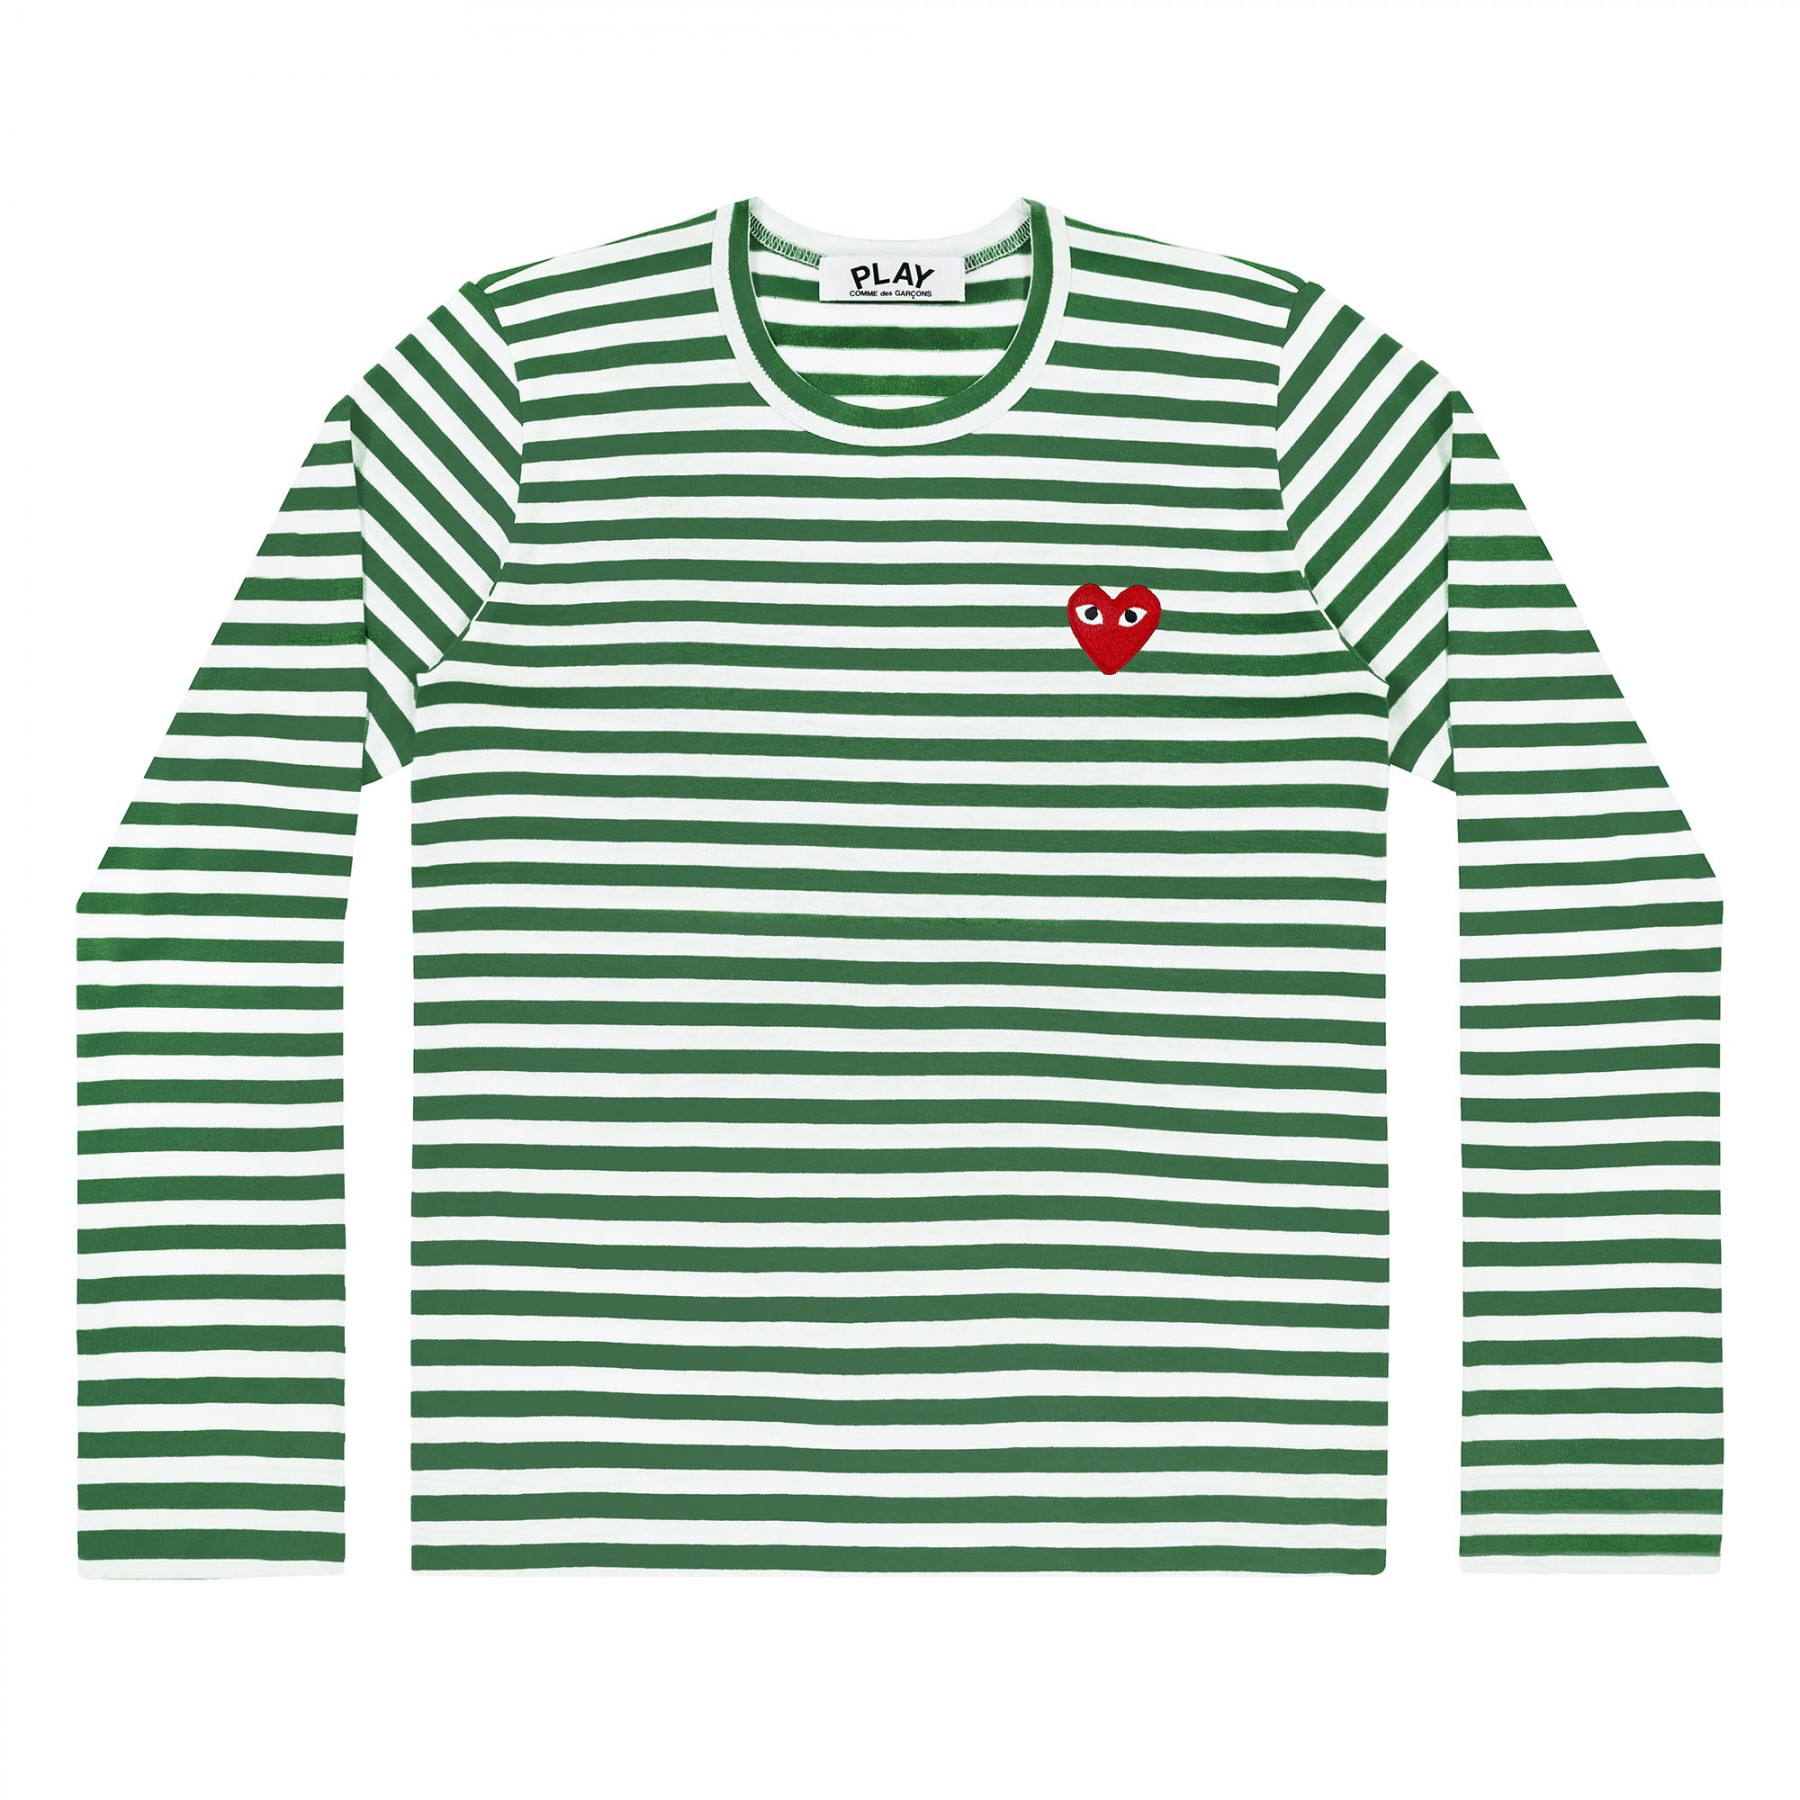 꼼데가르송 PLAY 스트라이프 티셔츠 레드하트 Green+White (여성)